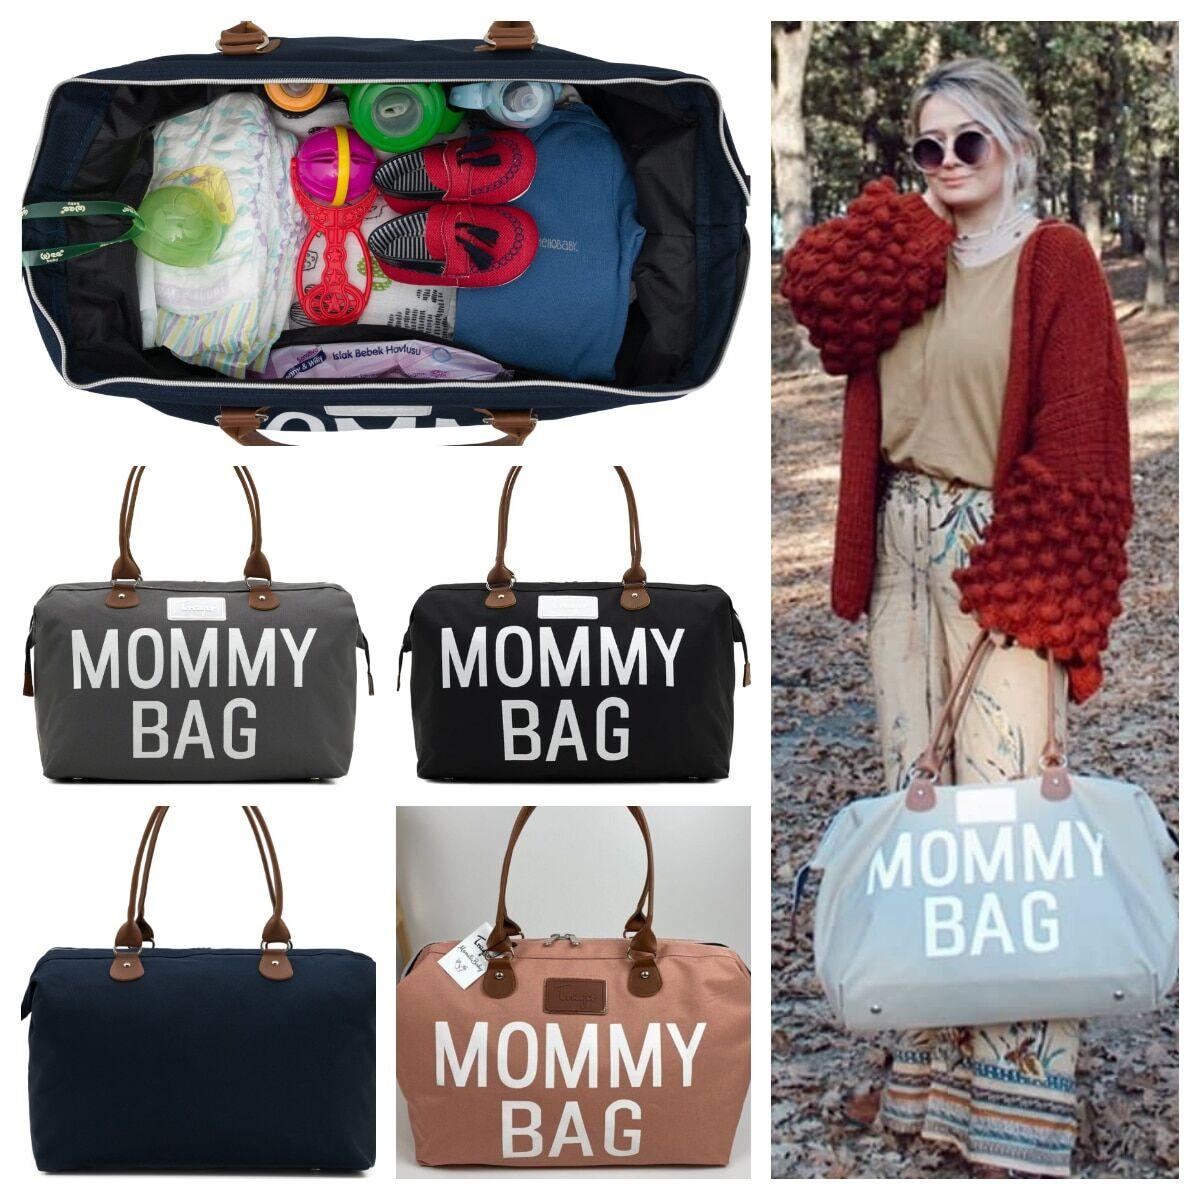 AliExpress Mommy Bag Sac à Main Organisateur Pour Maman et Enfant 3 Bouteilles isolées 1 Couche Pouch